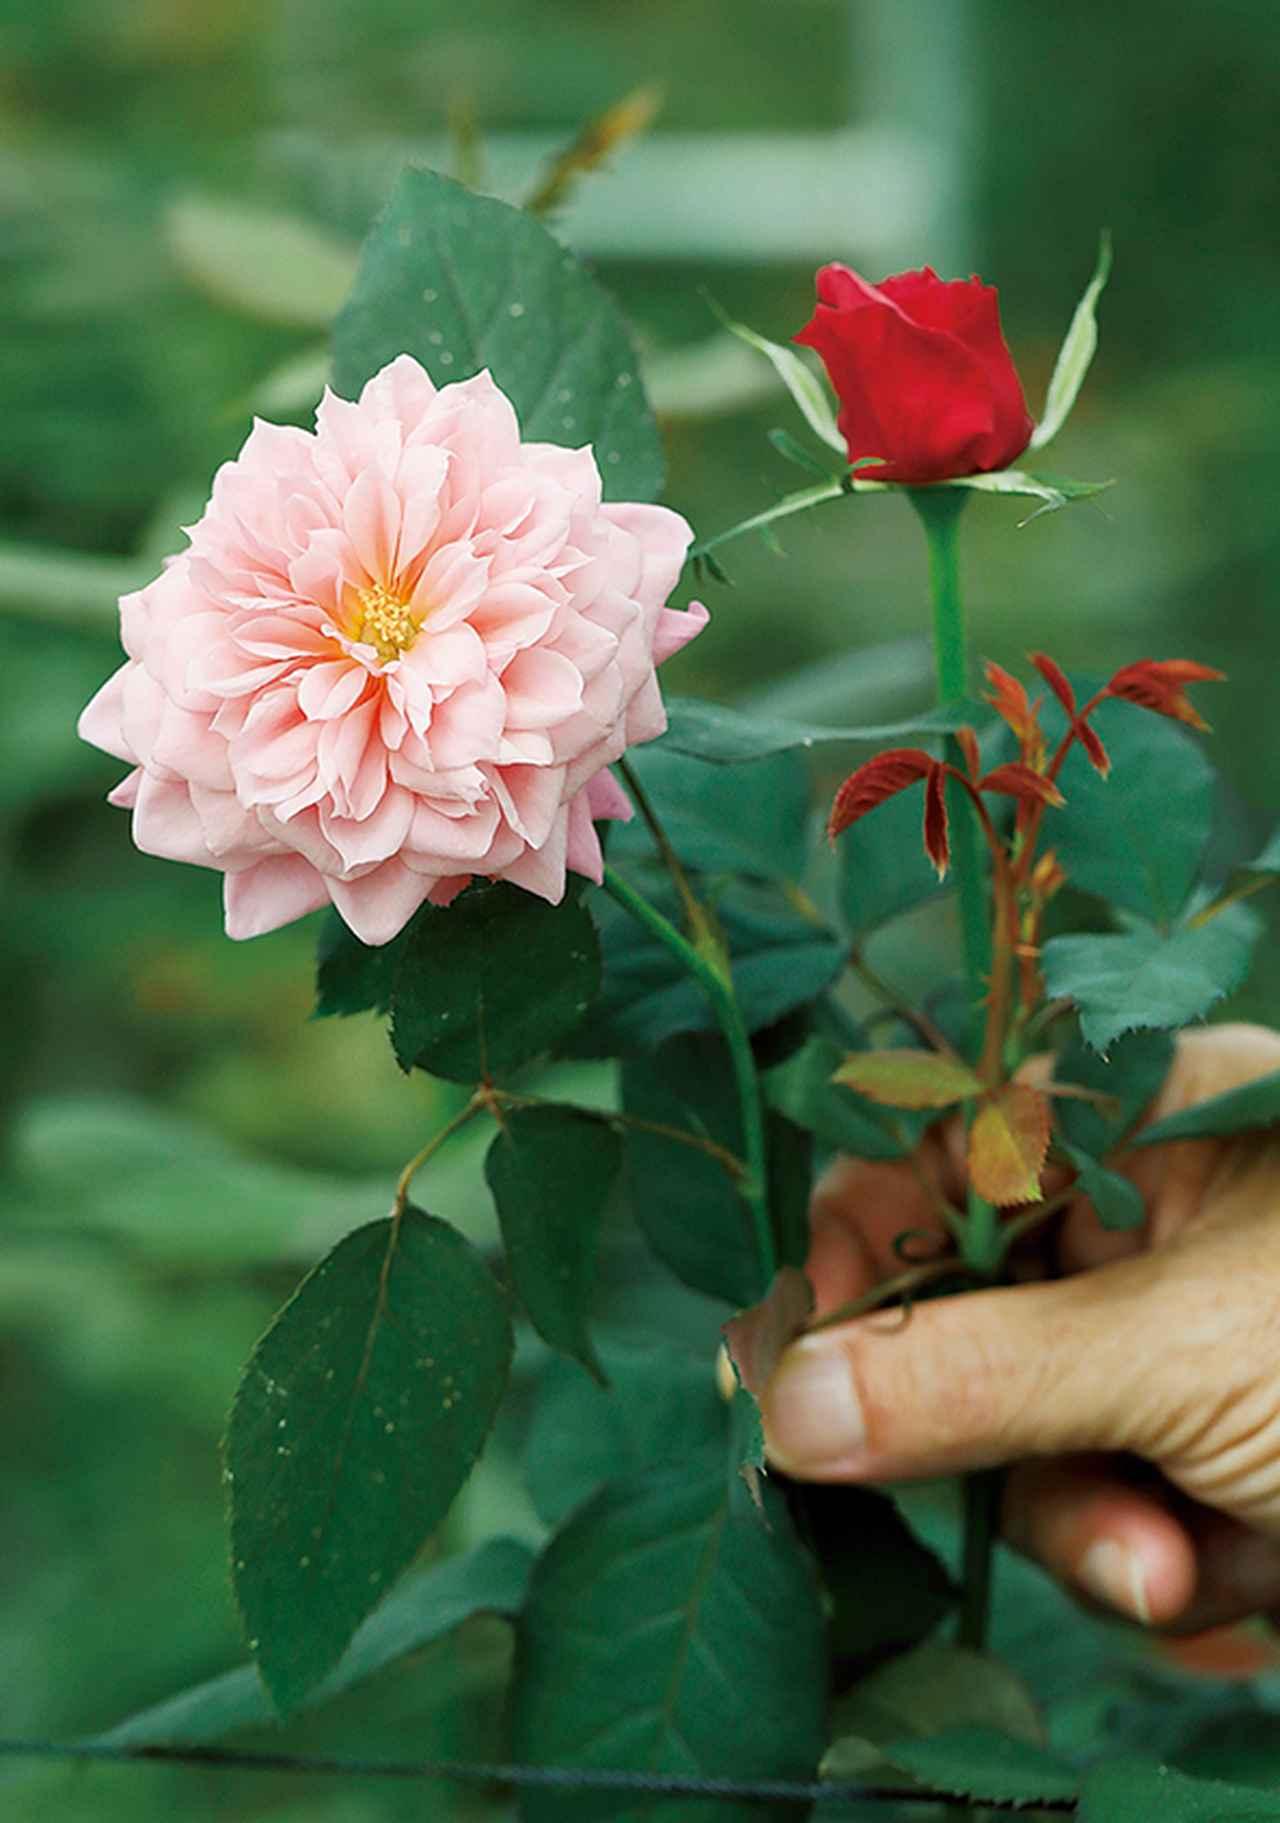 Images : 2番目の画像 - 「Rose Farm KEIJIが 生み出す唯一無二の「和ばら」。 その名前にこめられた想いを紐とく」のアルバム - T JAPAN:The New York Times Style Magazine 公式サイト